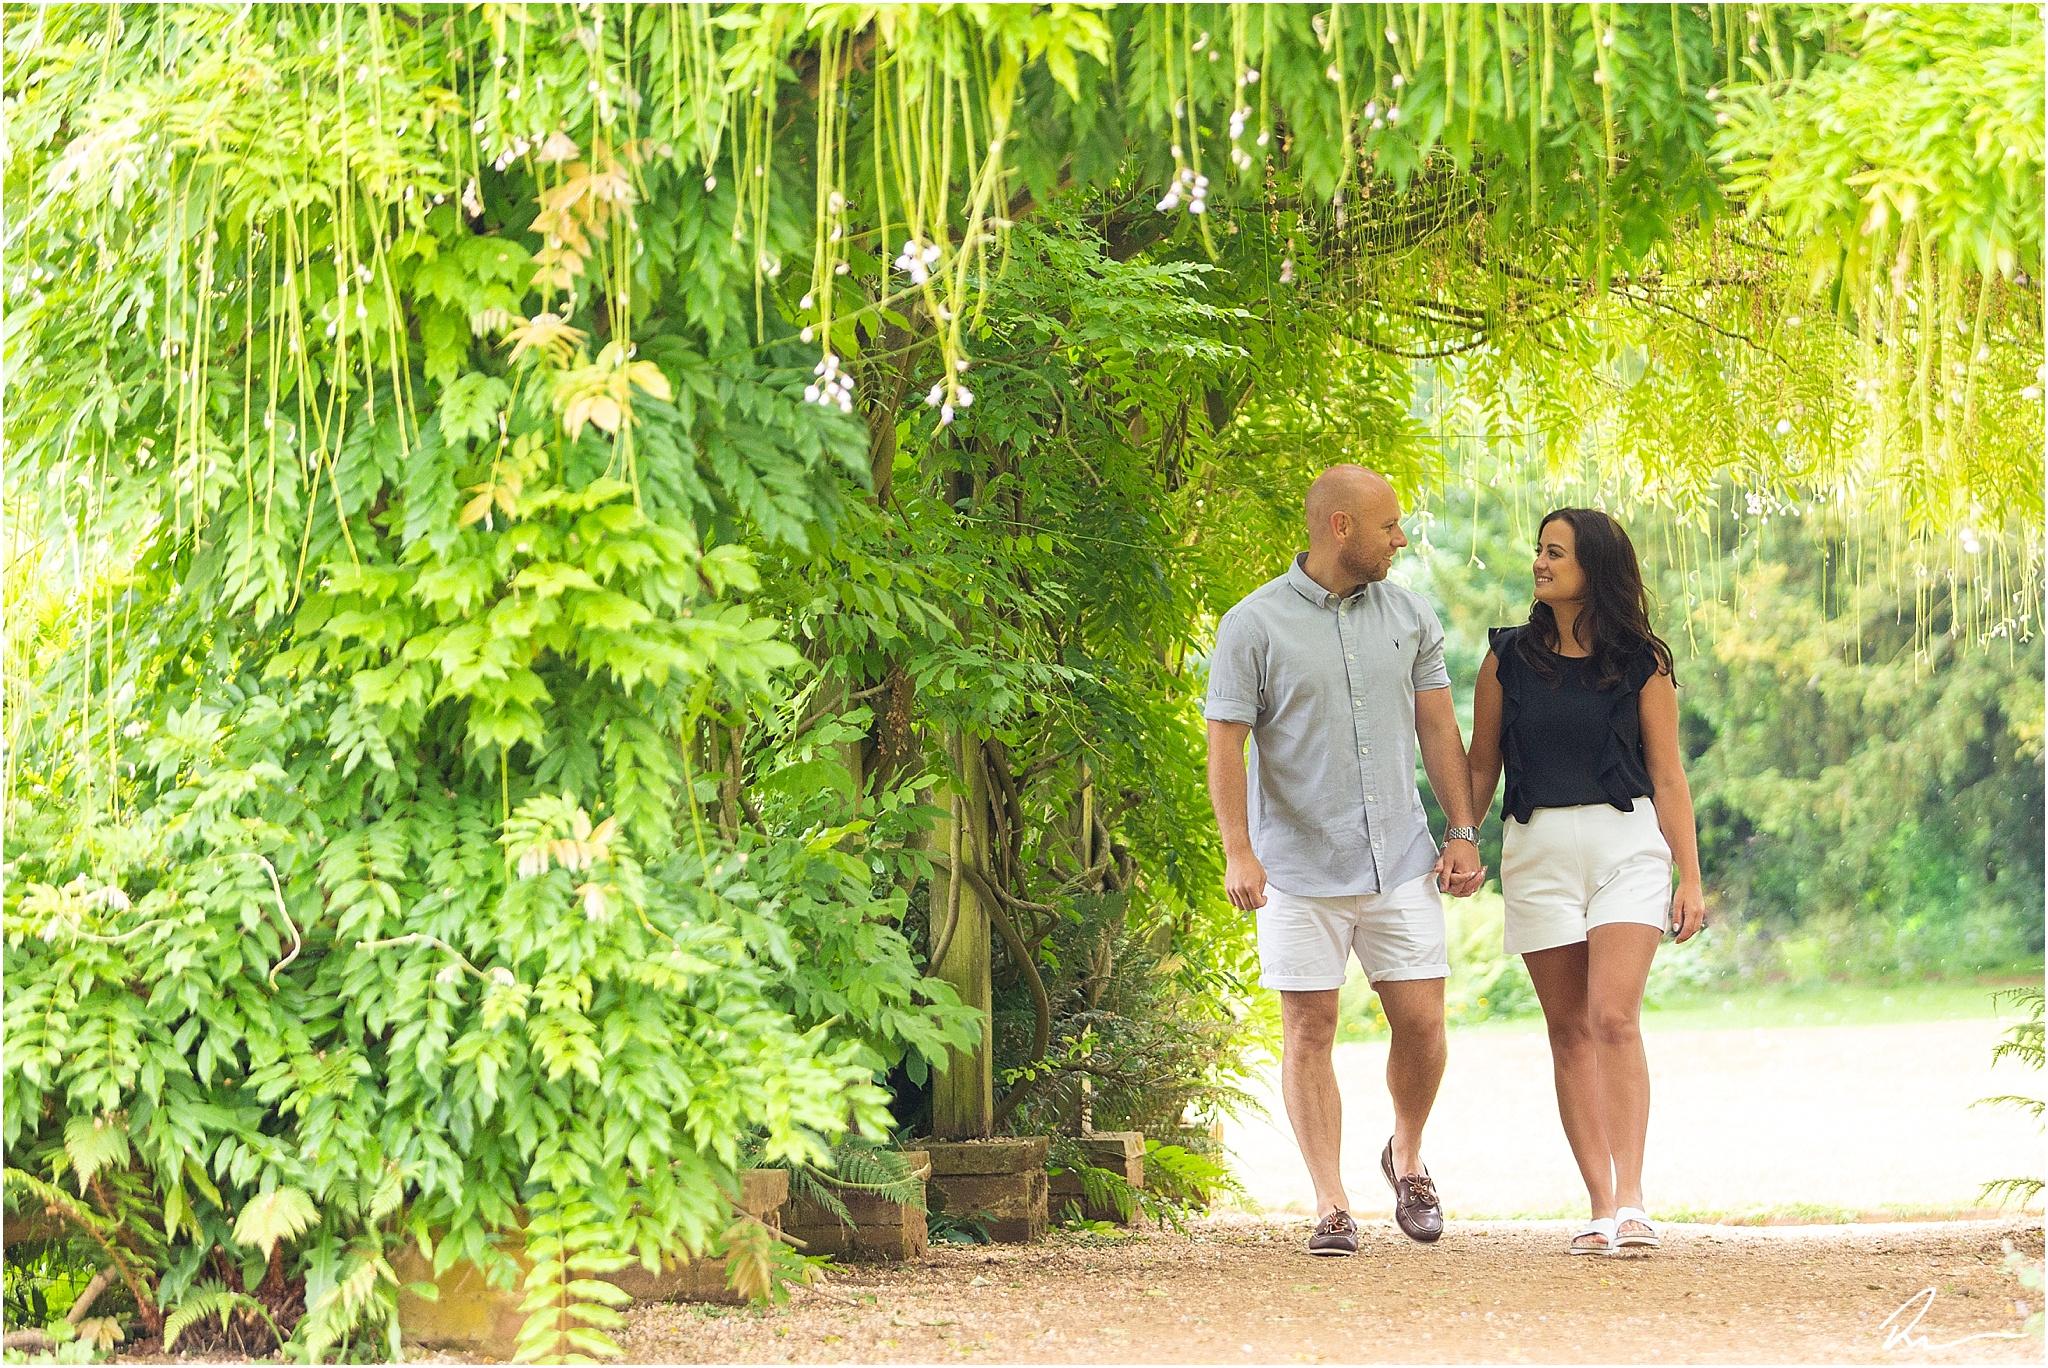 hylands-park-engagement-photos